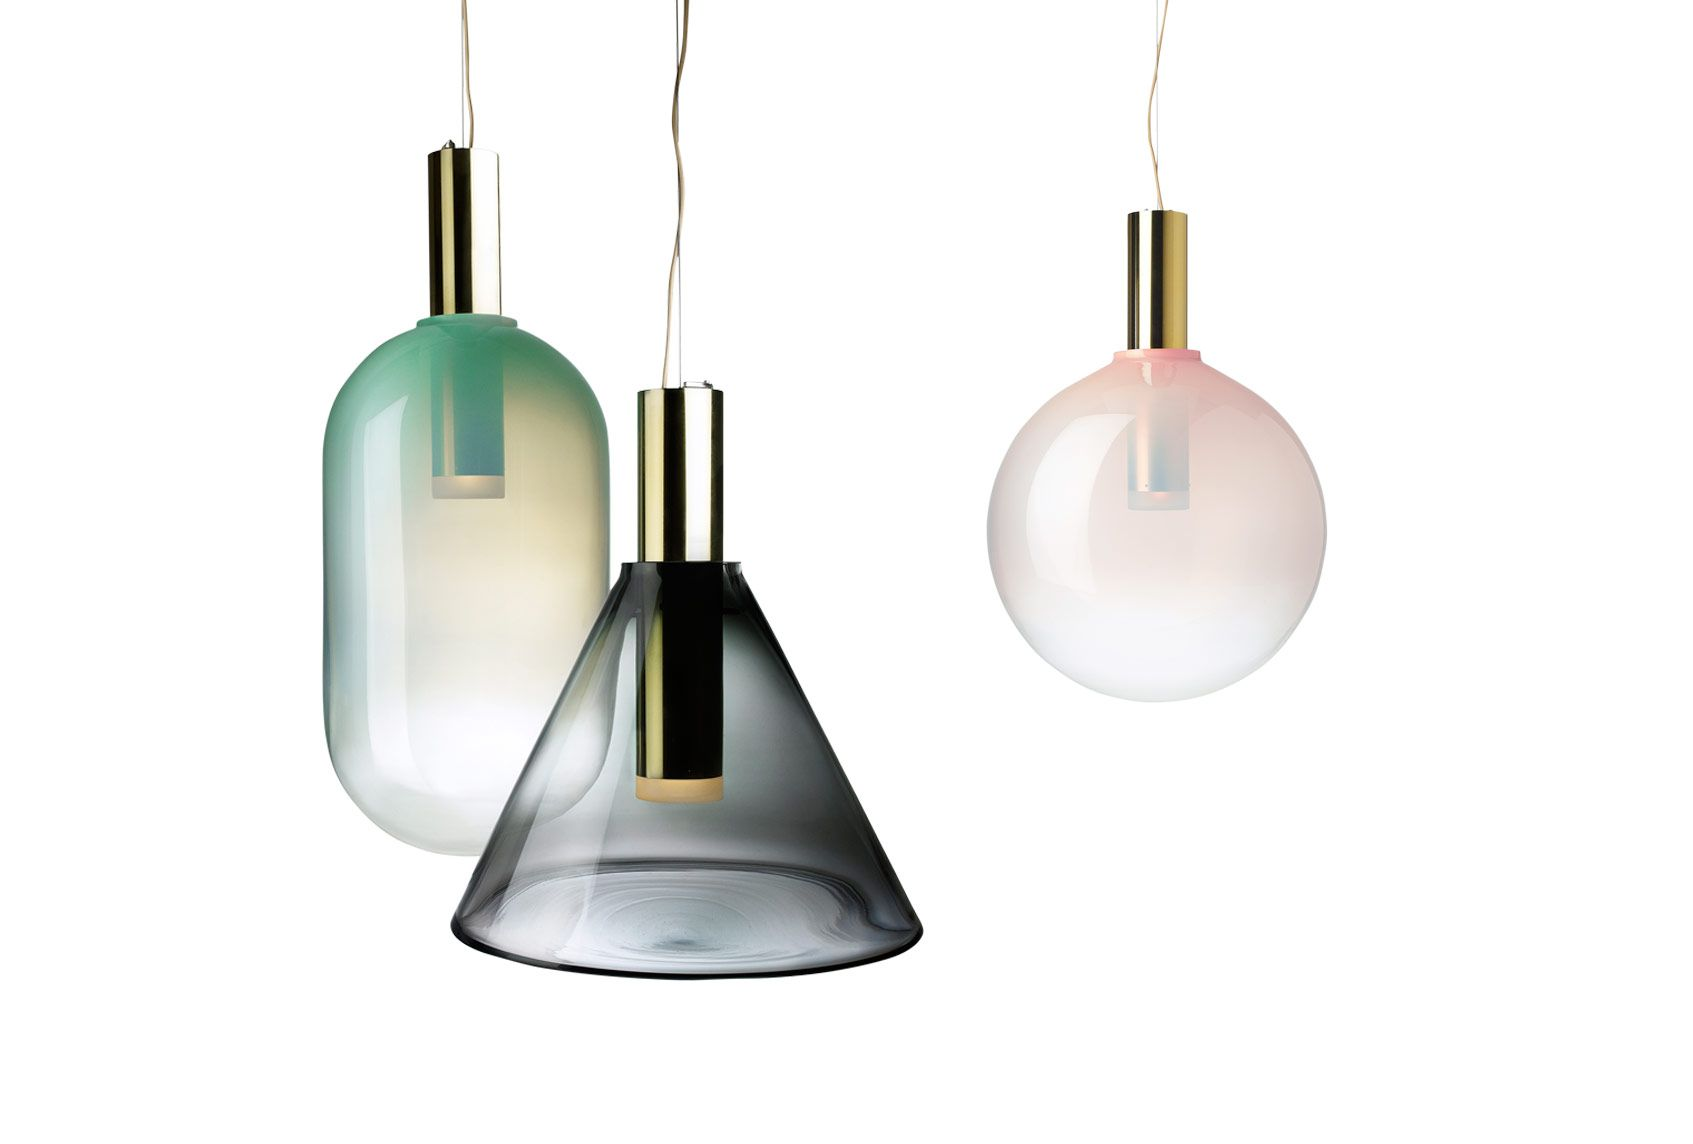 Phenomena lamp